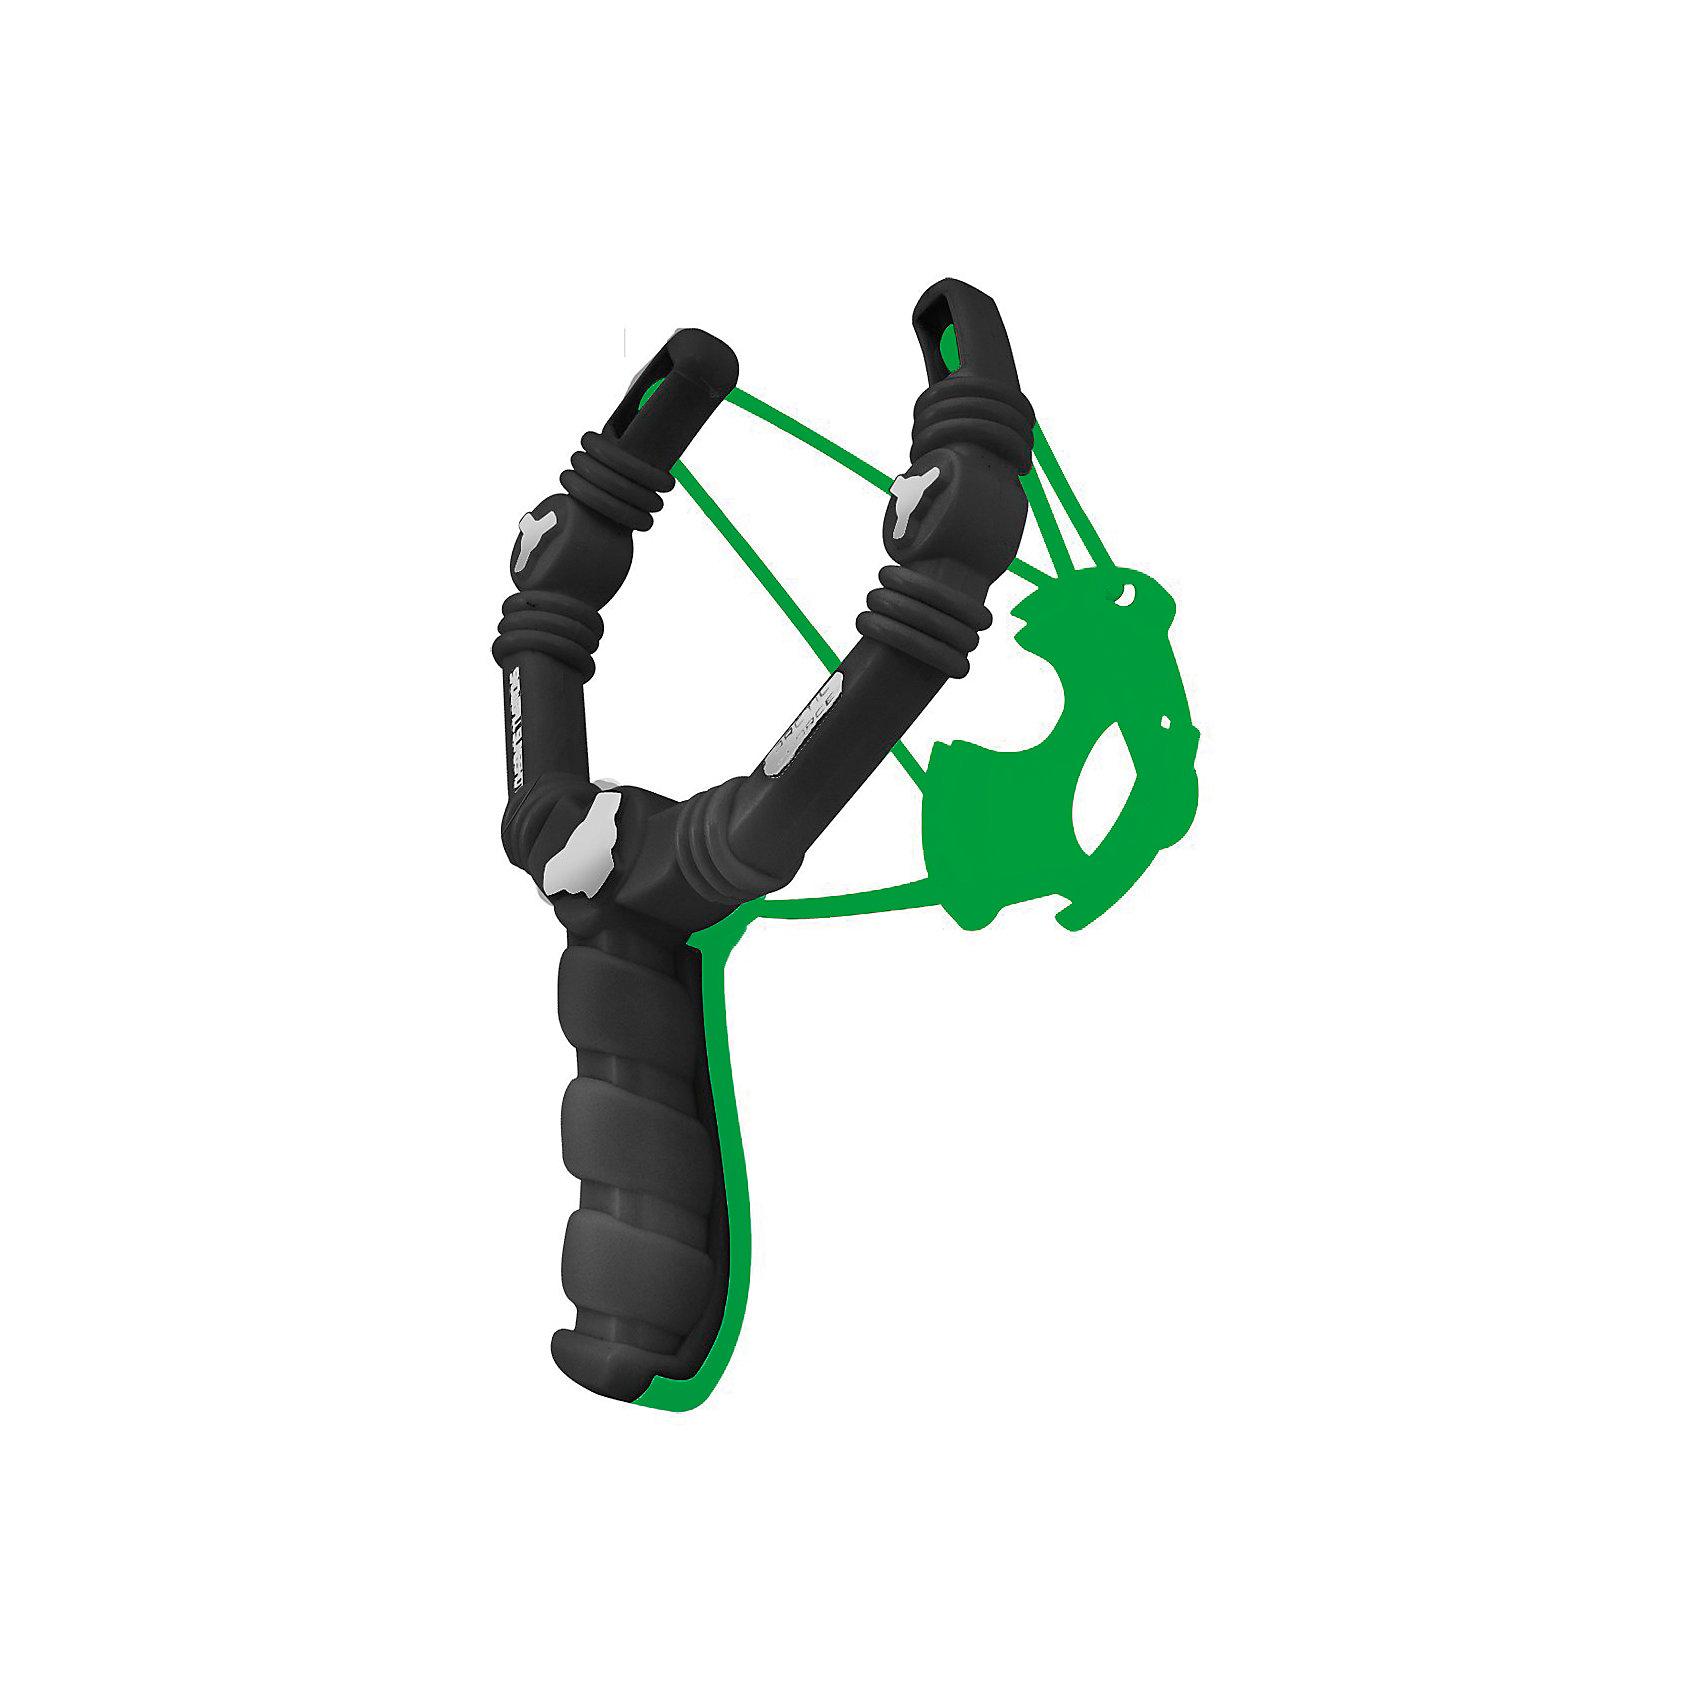 Снежкобластер Рогатка Слинг шот, Wham – oСнежкобластеры<br>Снежкобластер Слинг шот представляет собой стильную рогатку, предназначенную для зимних игр в снежки. Рогатка обладает удобной ручкой и слегка изогнутым корпусом. За счет своей формы она будет посылать снежки под углом, обеспечивая им лучшую высоту и дальность полета. Снежки помещаются в специальный отсек, который закреплен на упругих резинках. Ребенку достаточно слепить снаряд, прицелится и оттянуть резинки.<br>Снежкобластер, работающий по принципу катапульты, сам позаботится о точности траектории полета. С таким оригинальным оружием зимние перестрелки станут намного интереснее и веселее.<br><br>Снежкобластер Рогатка Слинг шот можно купить в нашем интернет-магазине.<br><br>Ширина мм: 300<br>Глубина мм: 20<br>Высота мм: 450<br>Вес г: 400<br>Возраст от месяцев: 72<br>Возраст до месяцев: 168<br>Пол: Мужской<br>Возраст: Детский<br>SKU: 5119508